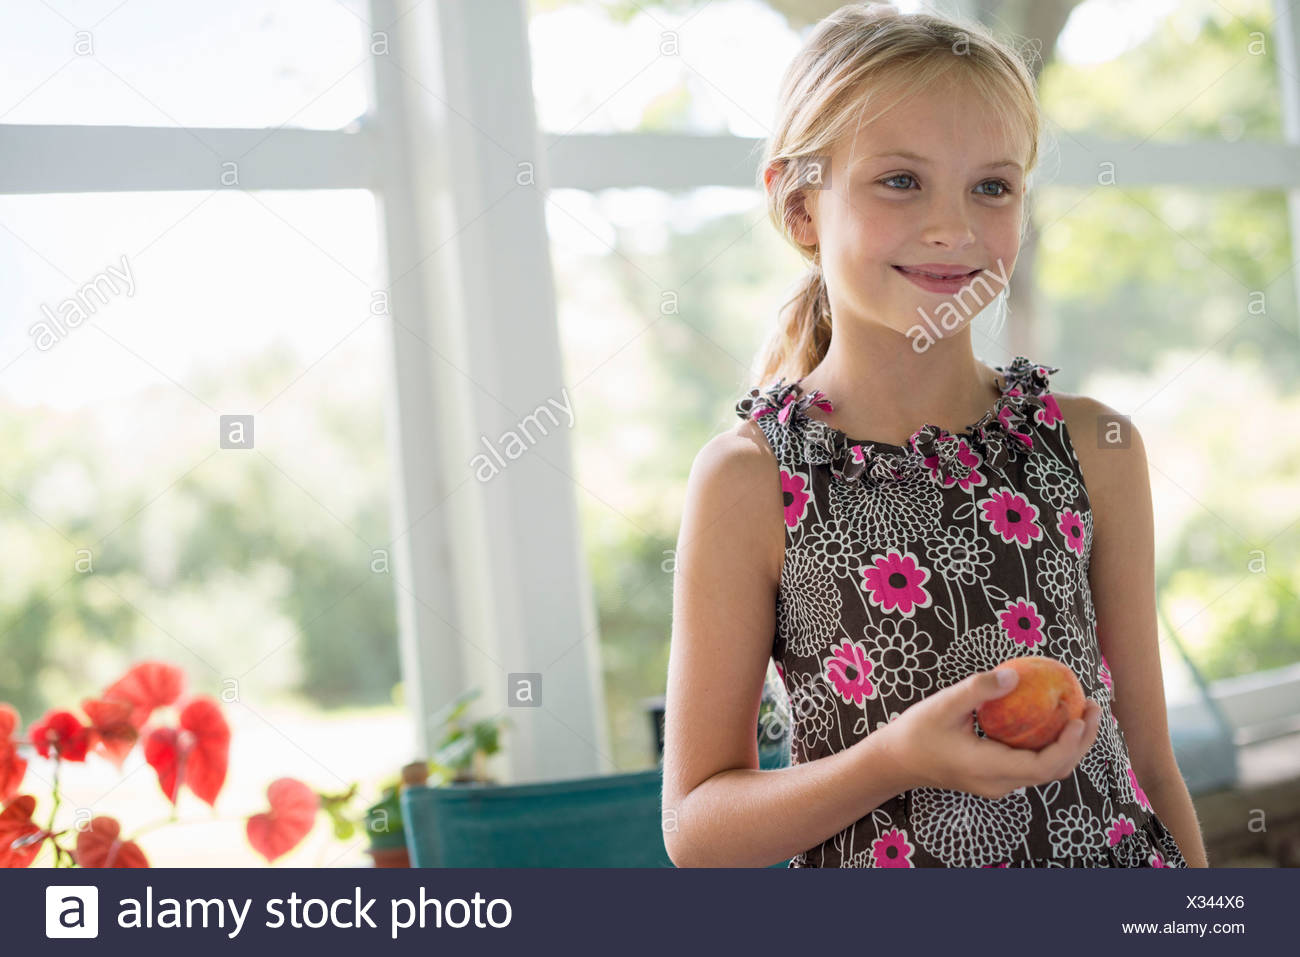 Ein junges Mädchen in einem geblümten Kleid hält eine Pfirsichfrucht. Stockbild